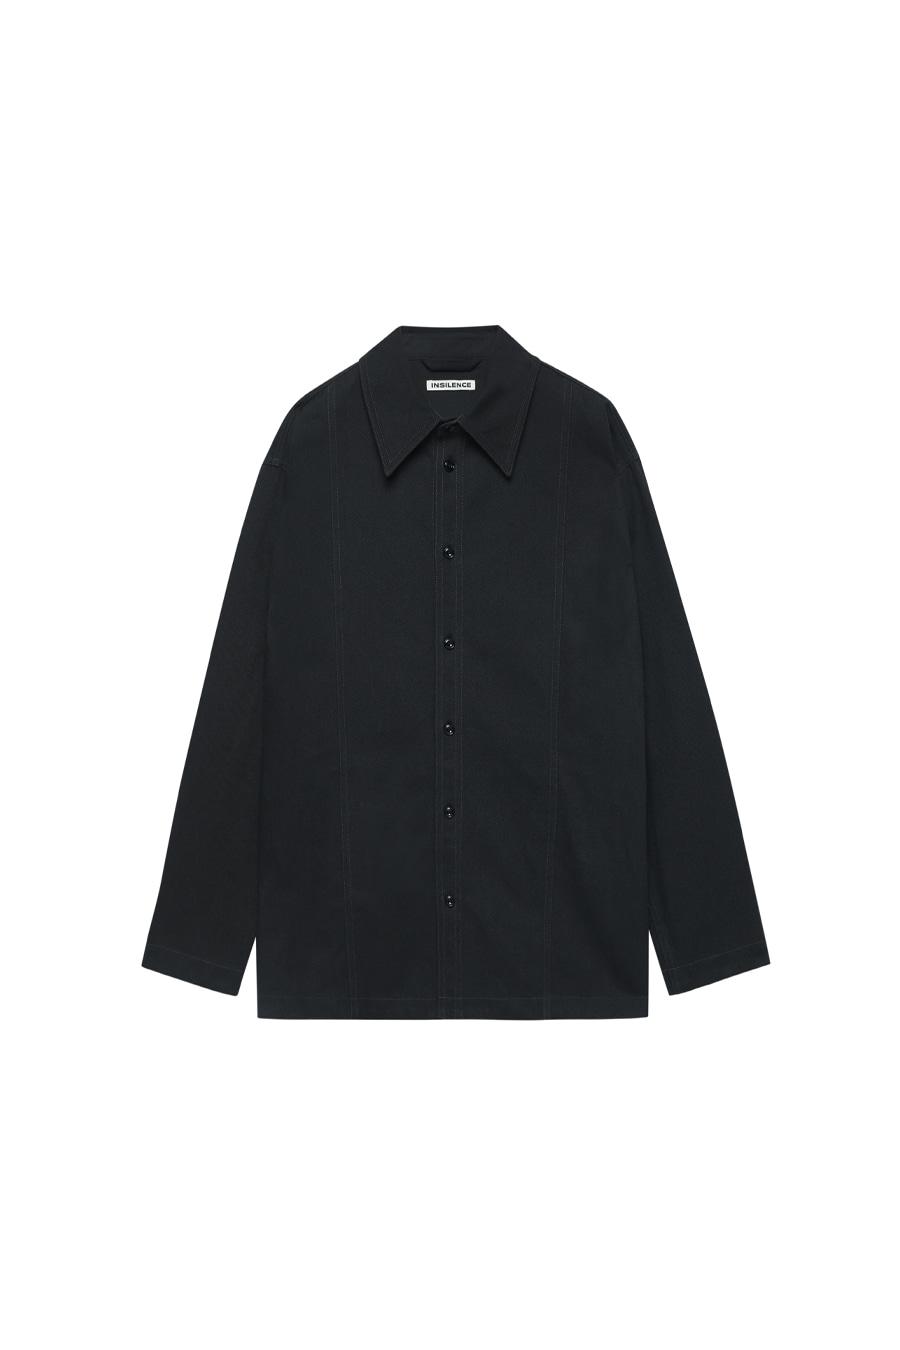 빅 트윌 패널 셔츠 BLACK